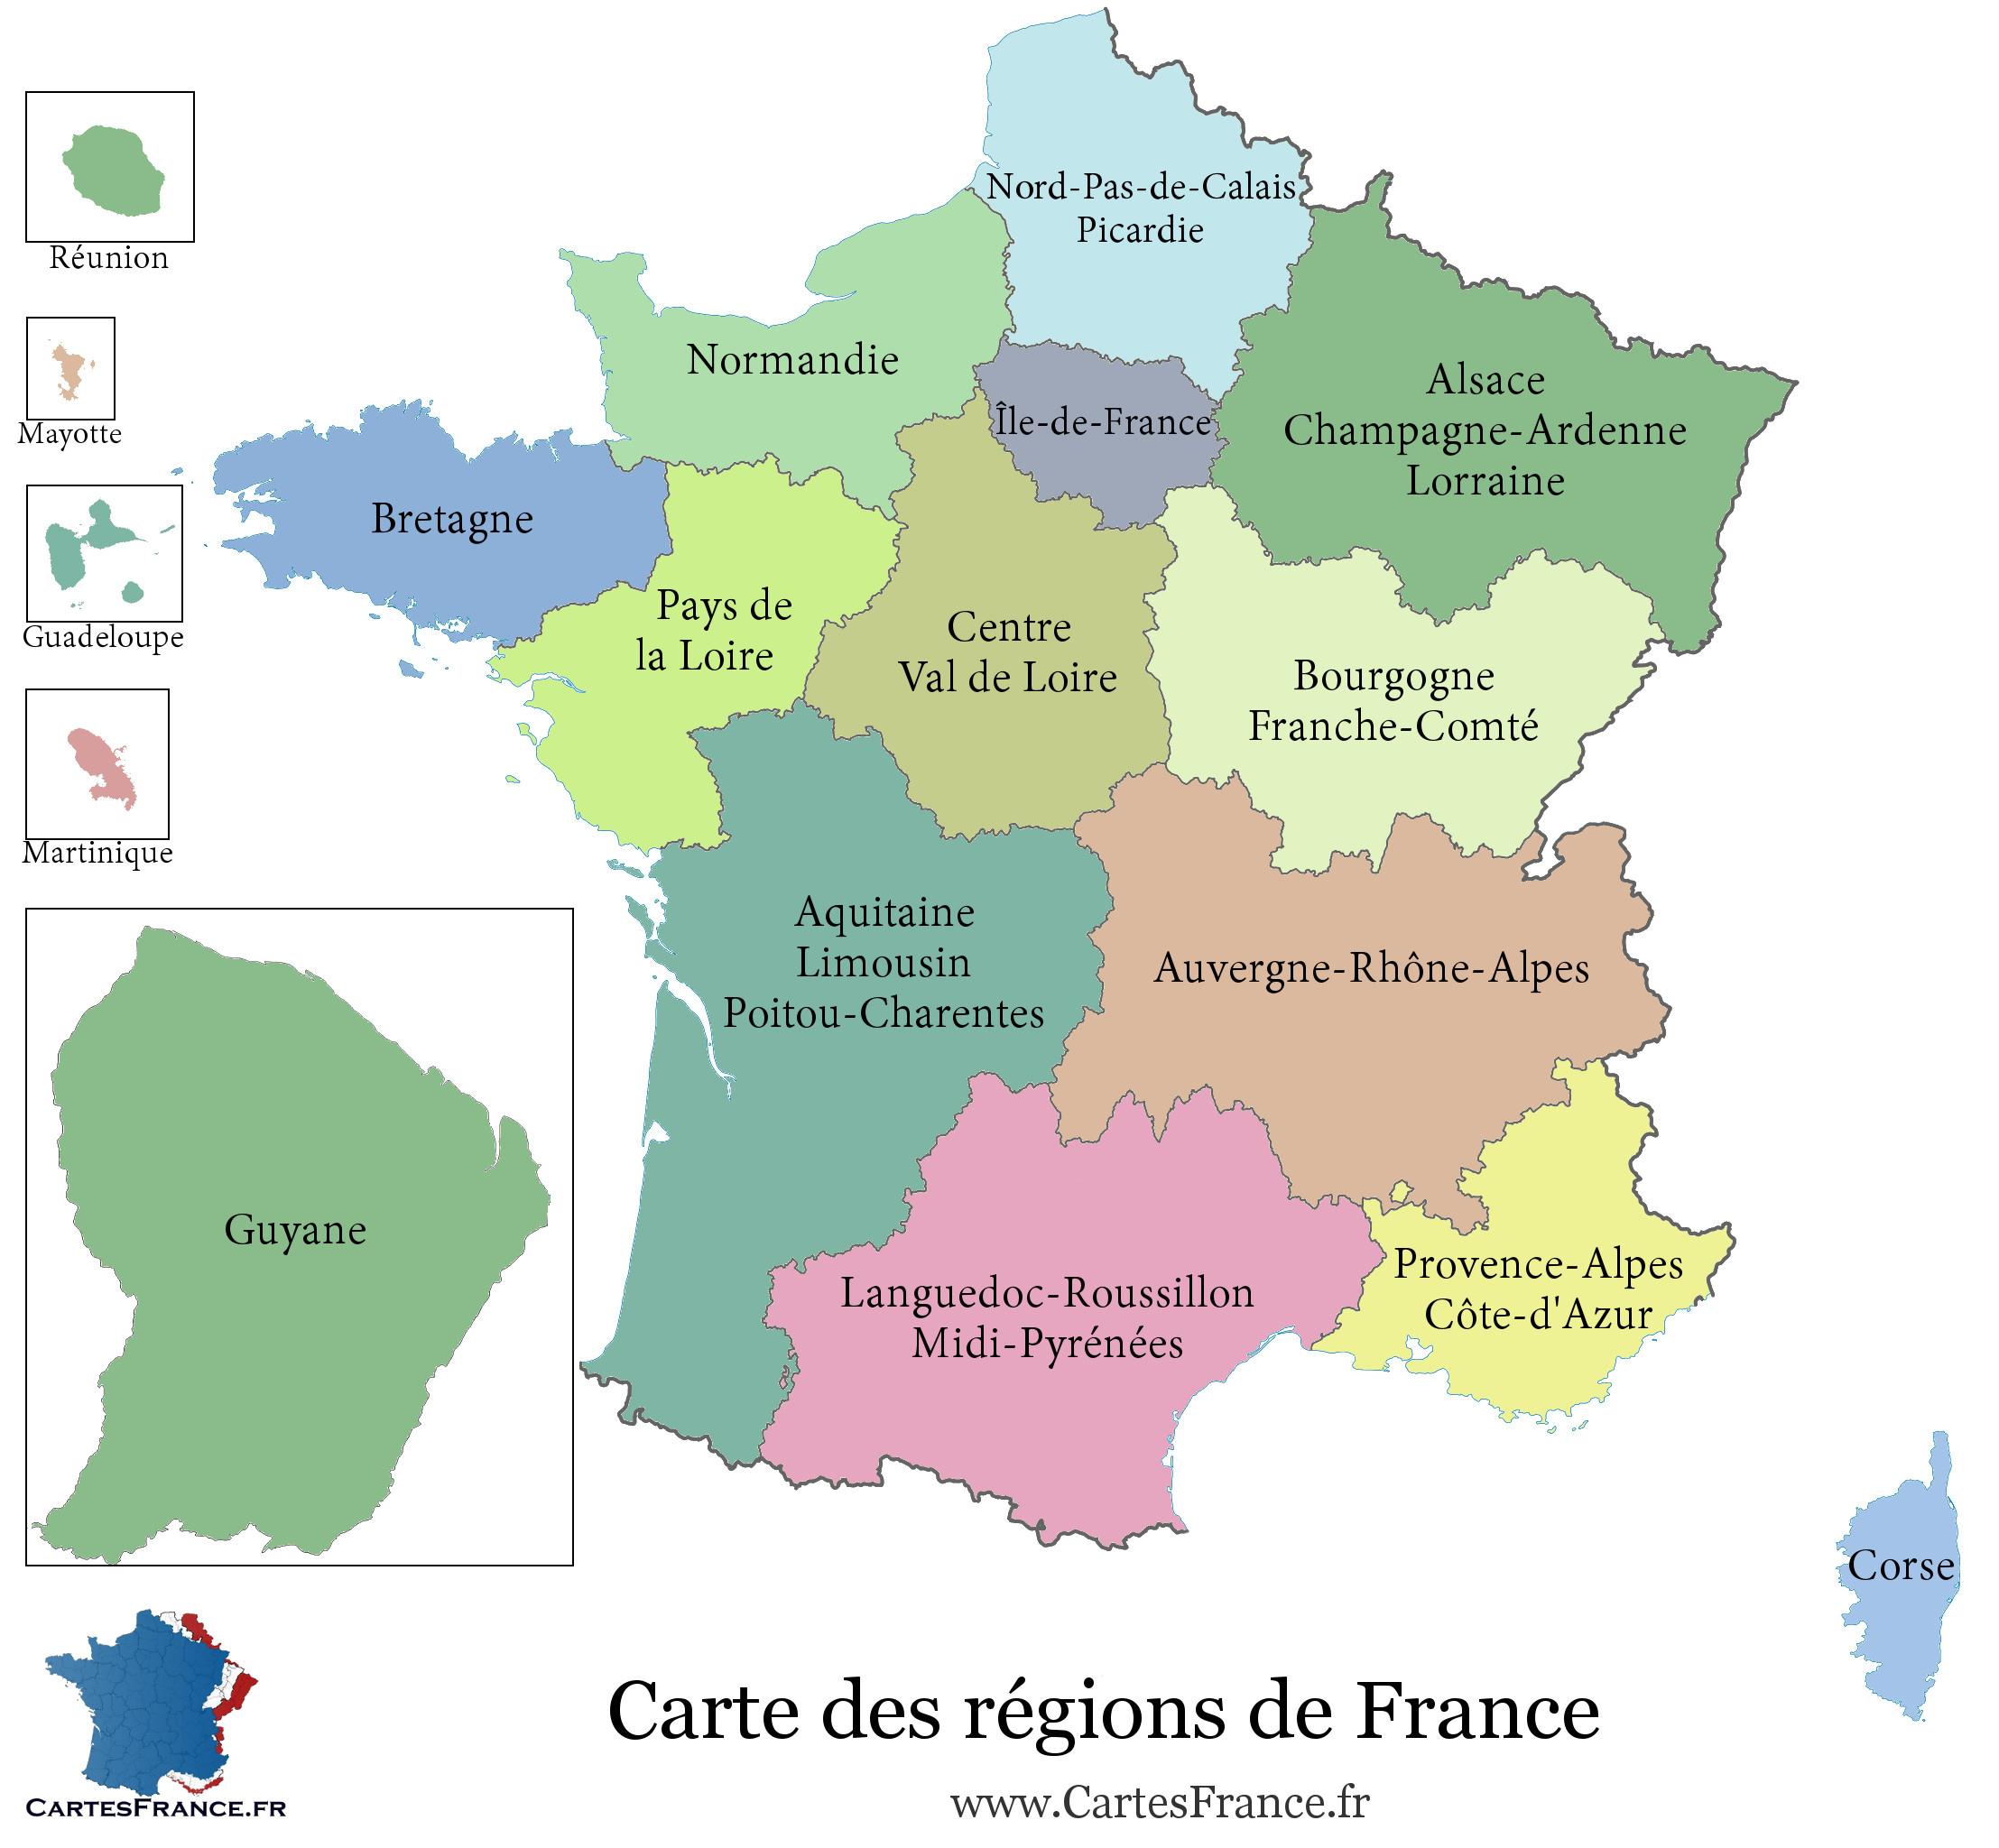 Carte De France Region - Carte Des Régions Françaises dedans Nouvelle Carte Des Régions De France